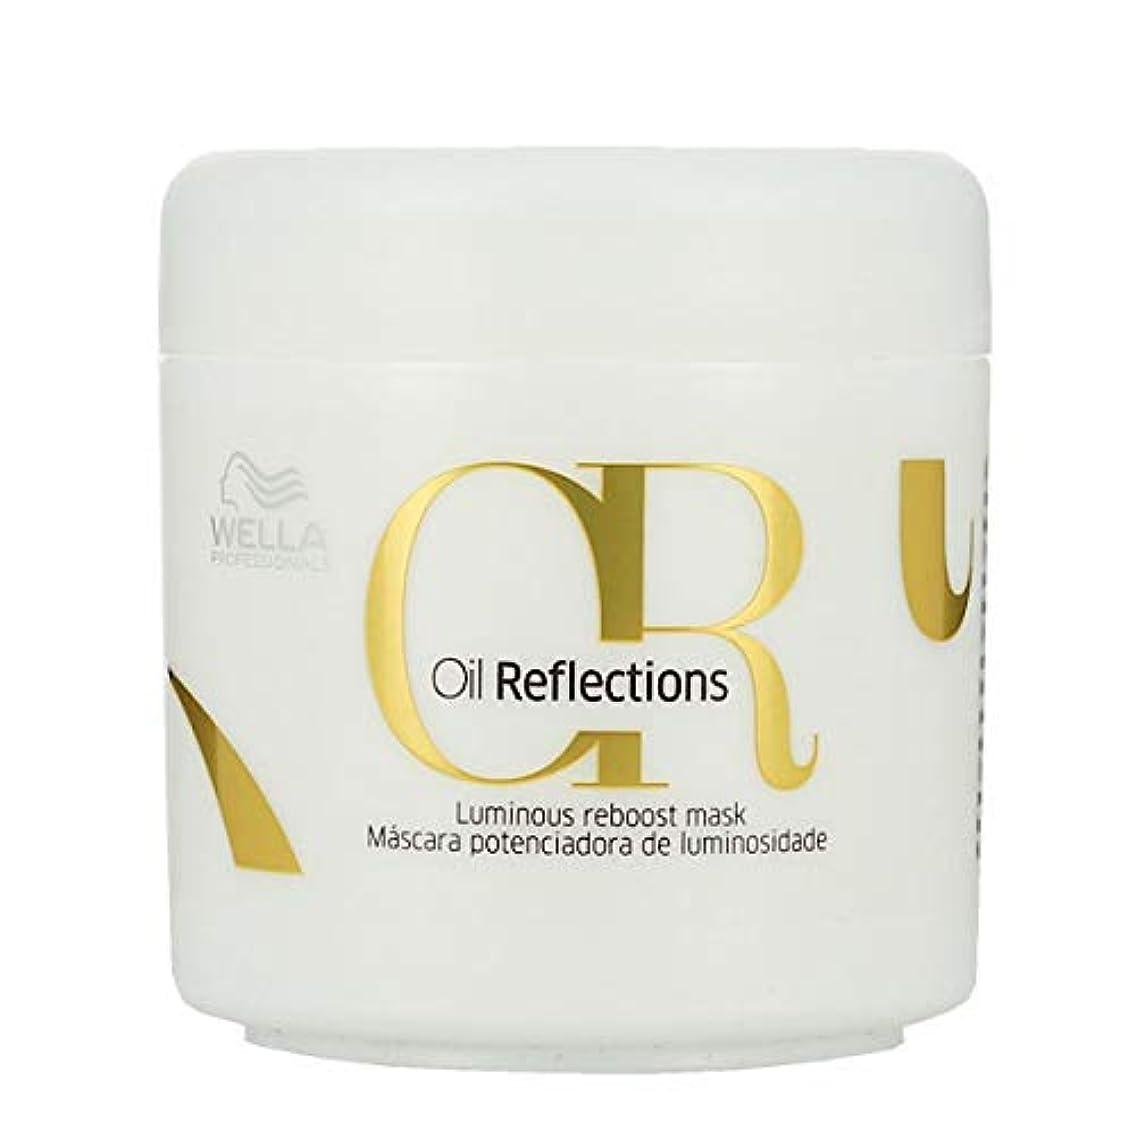 ボートゲートスクラップWella Professionals Oil Reflections Luminous Reboost Mask ウエラ オイルリフレクション マスク 150 ml [並行輸入品]